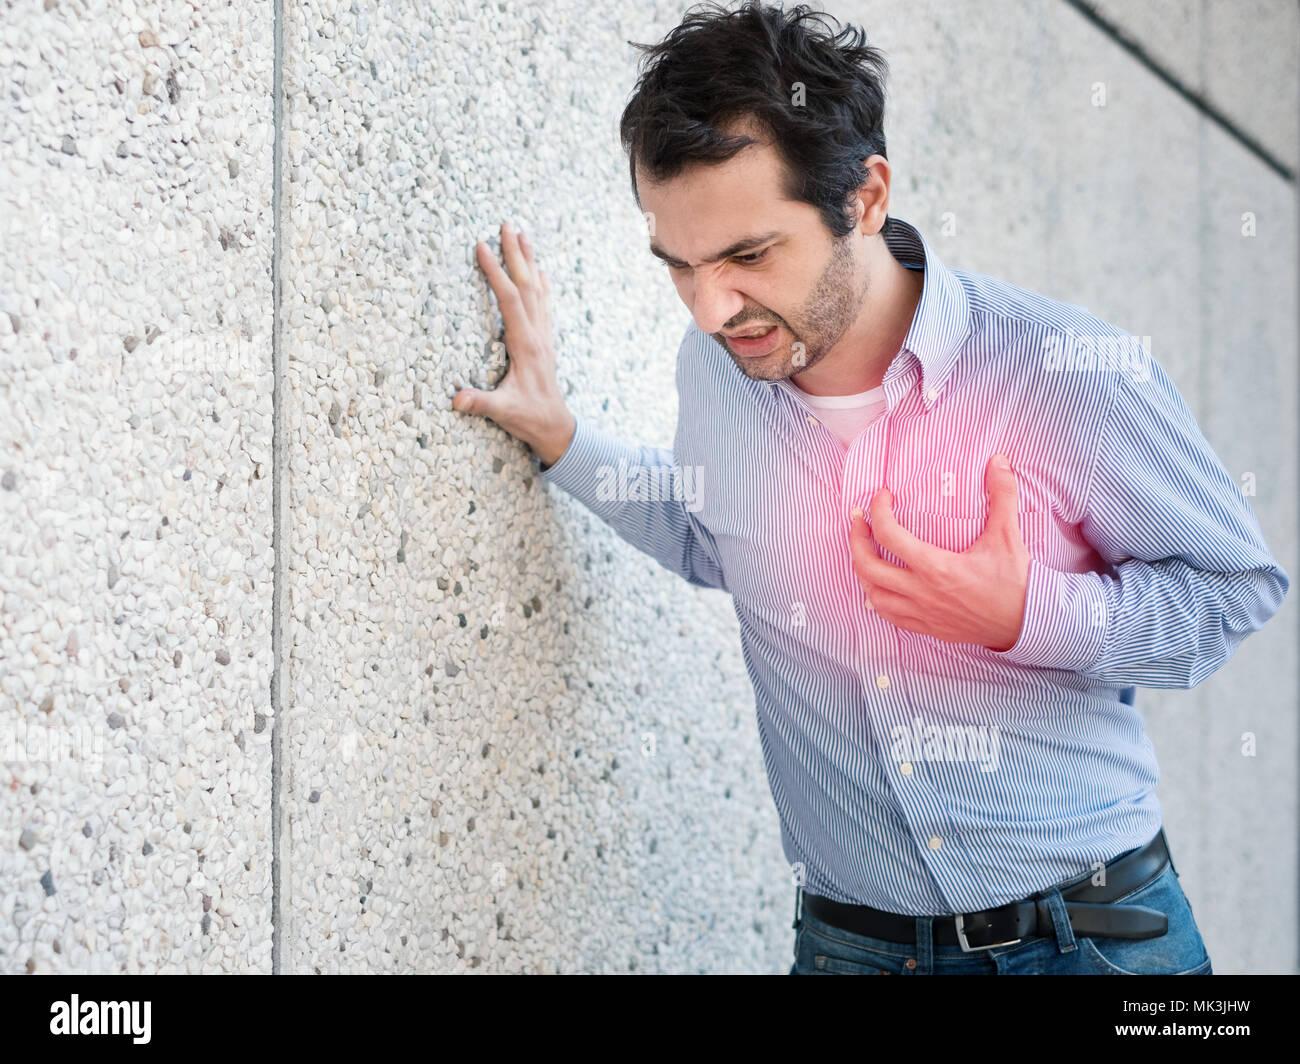 L'homme ayant une crise cardiaque soudaine et se sentir mal Photo Stock